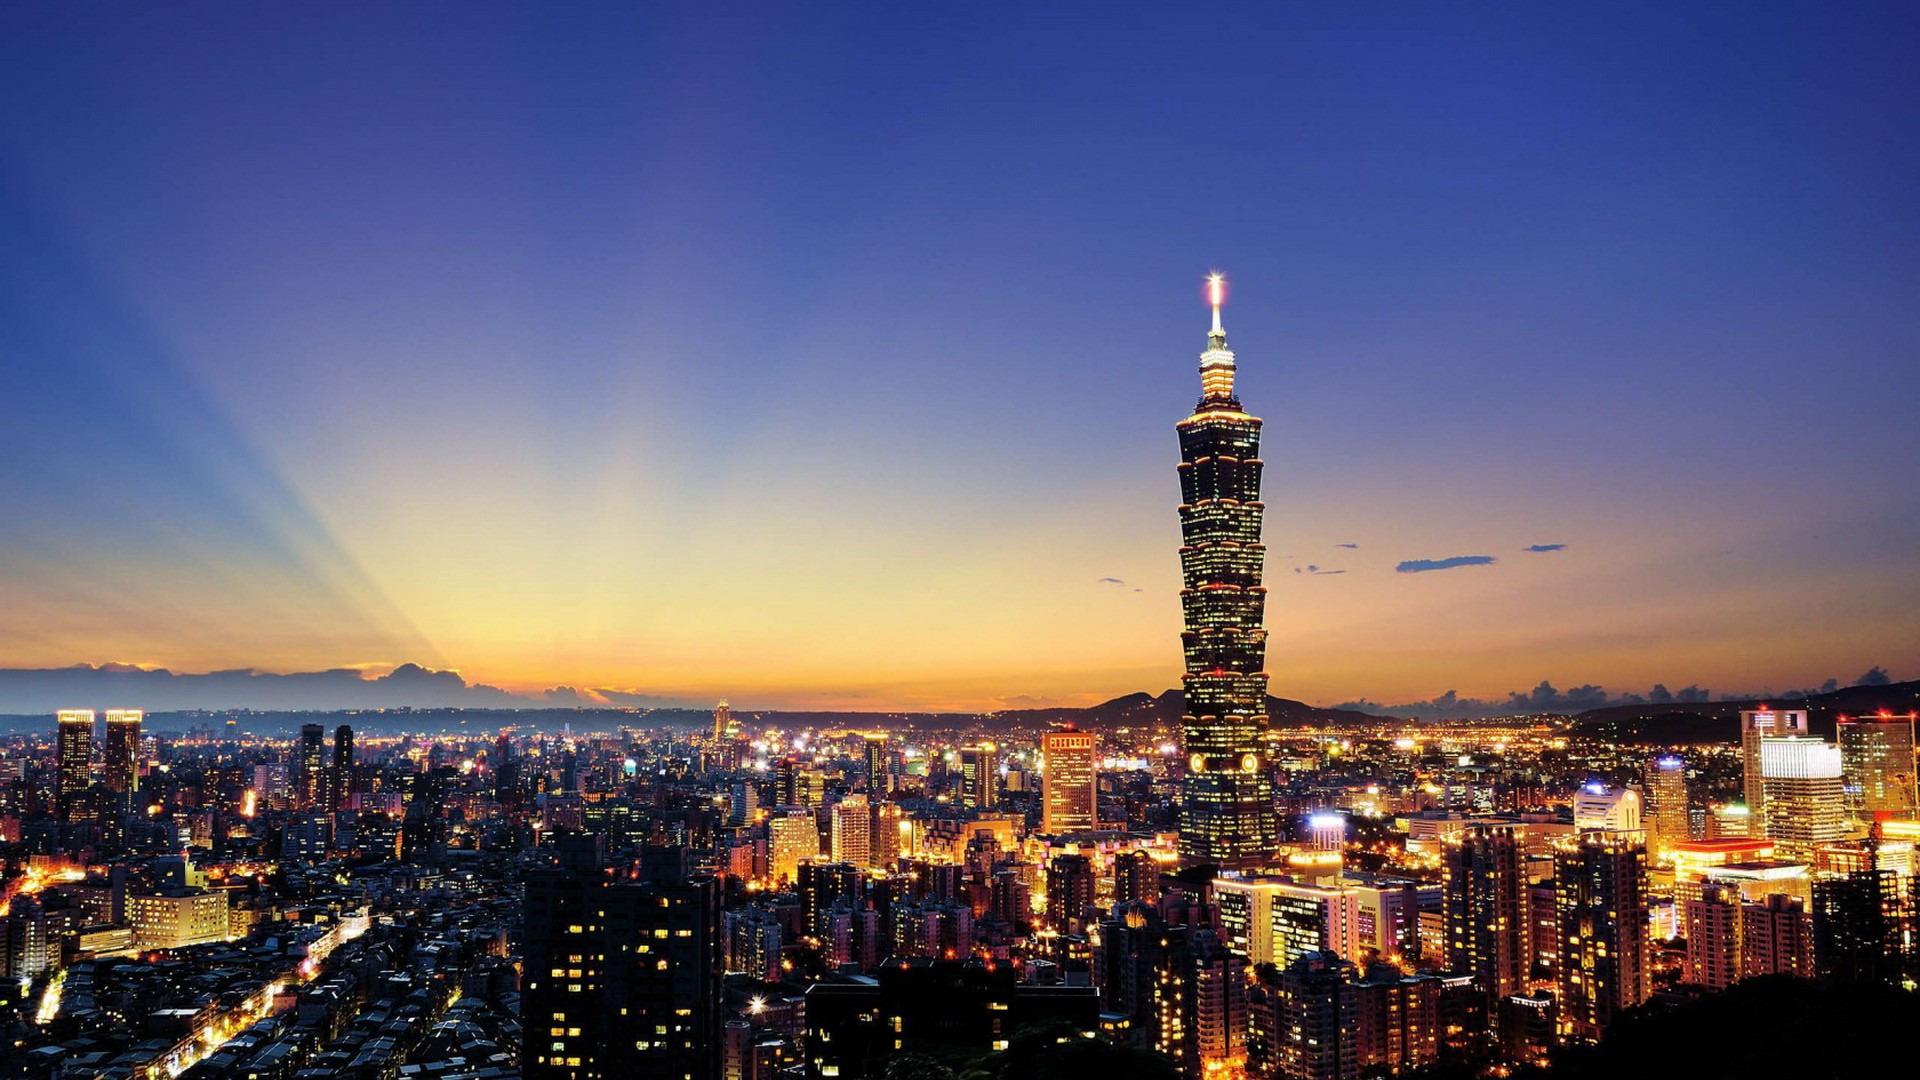 高逼格低消费,全方位台北四日游